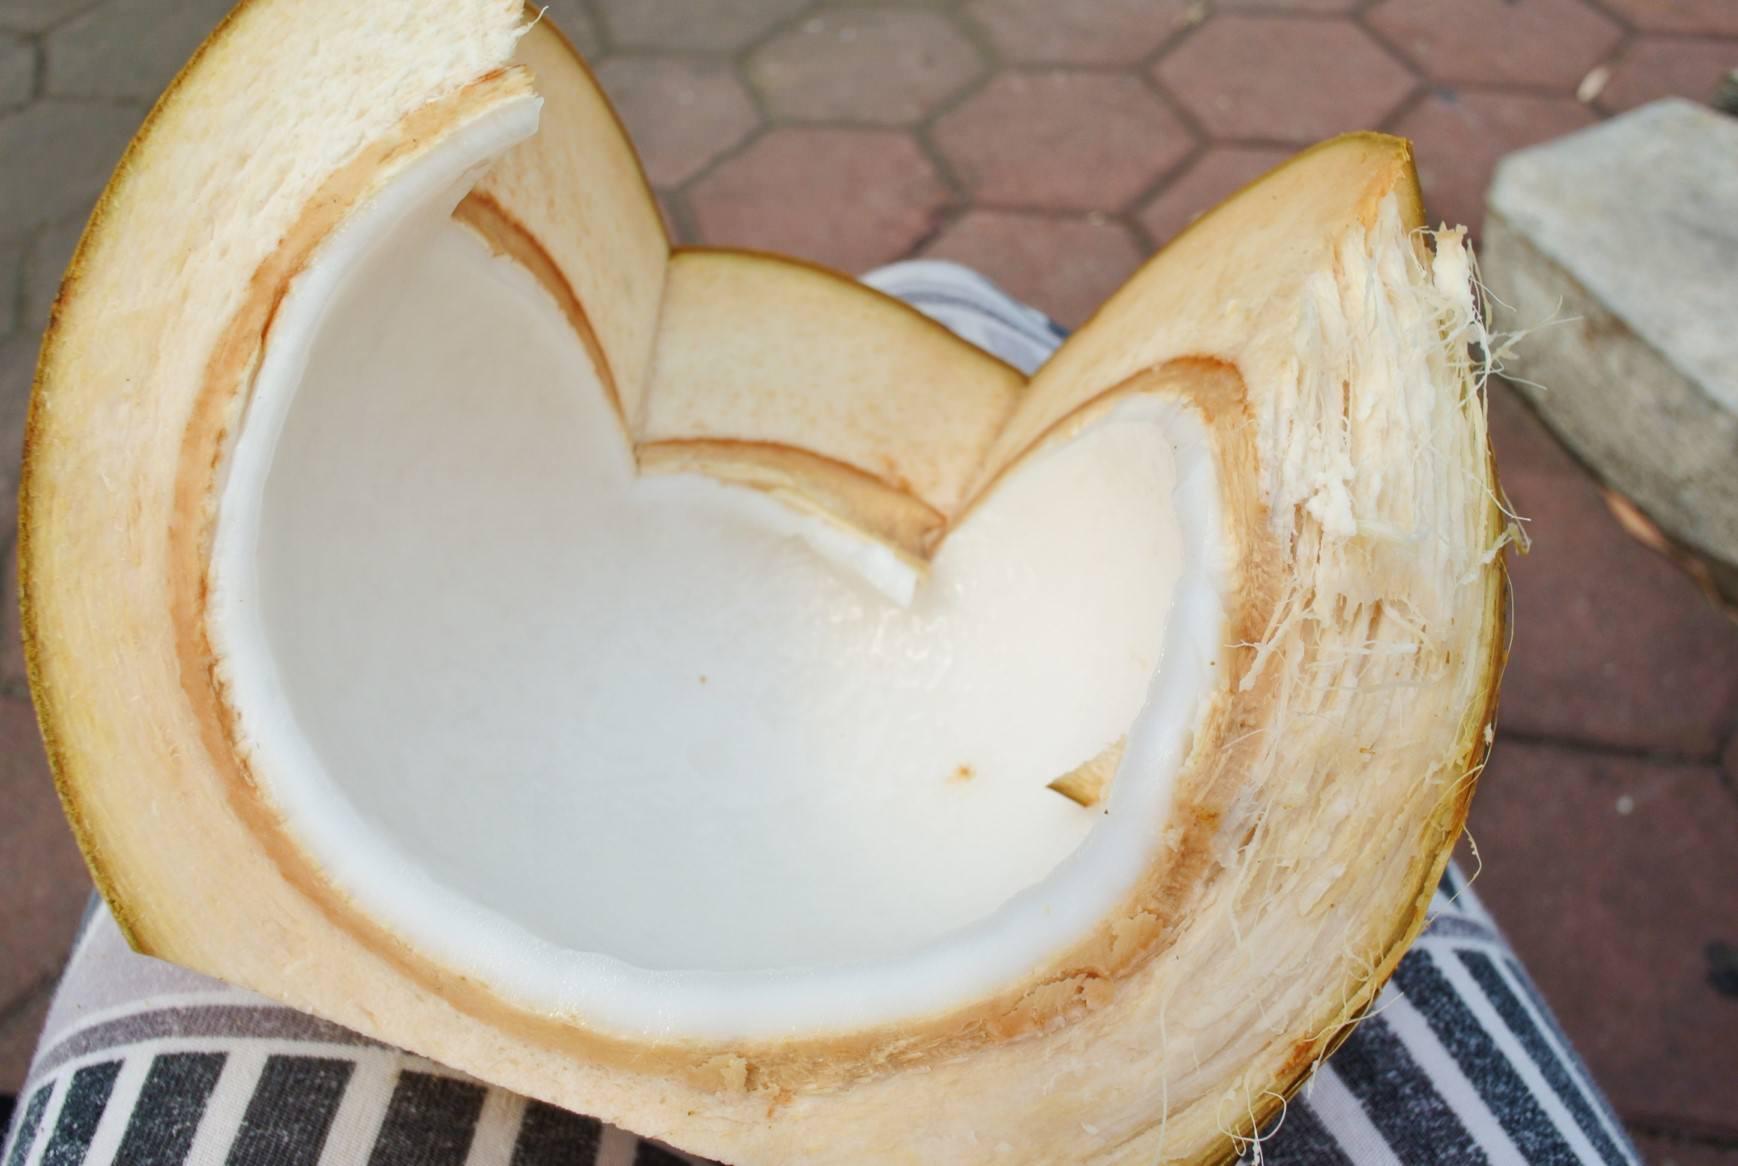 Apa de cocos asia (8)